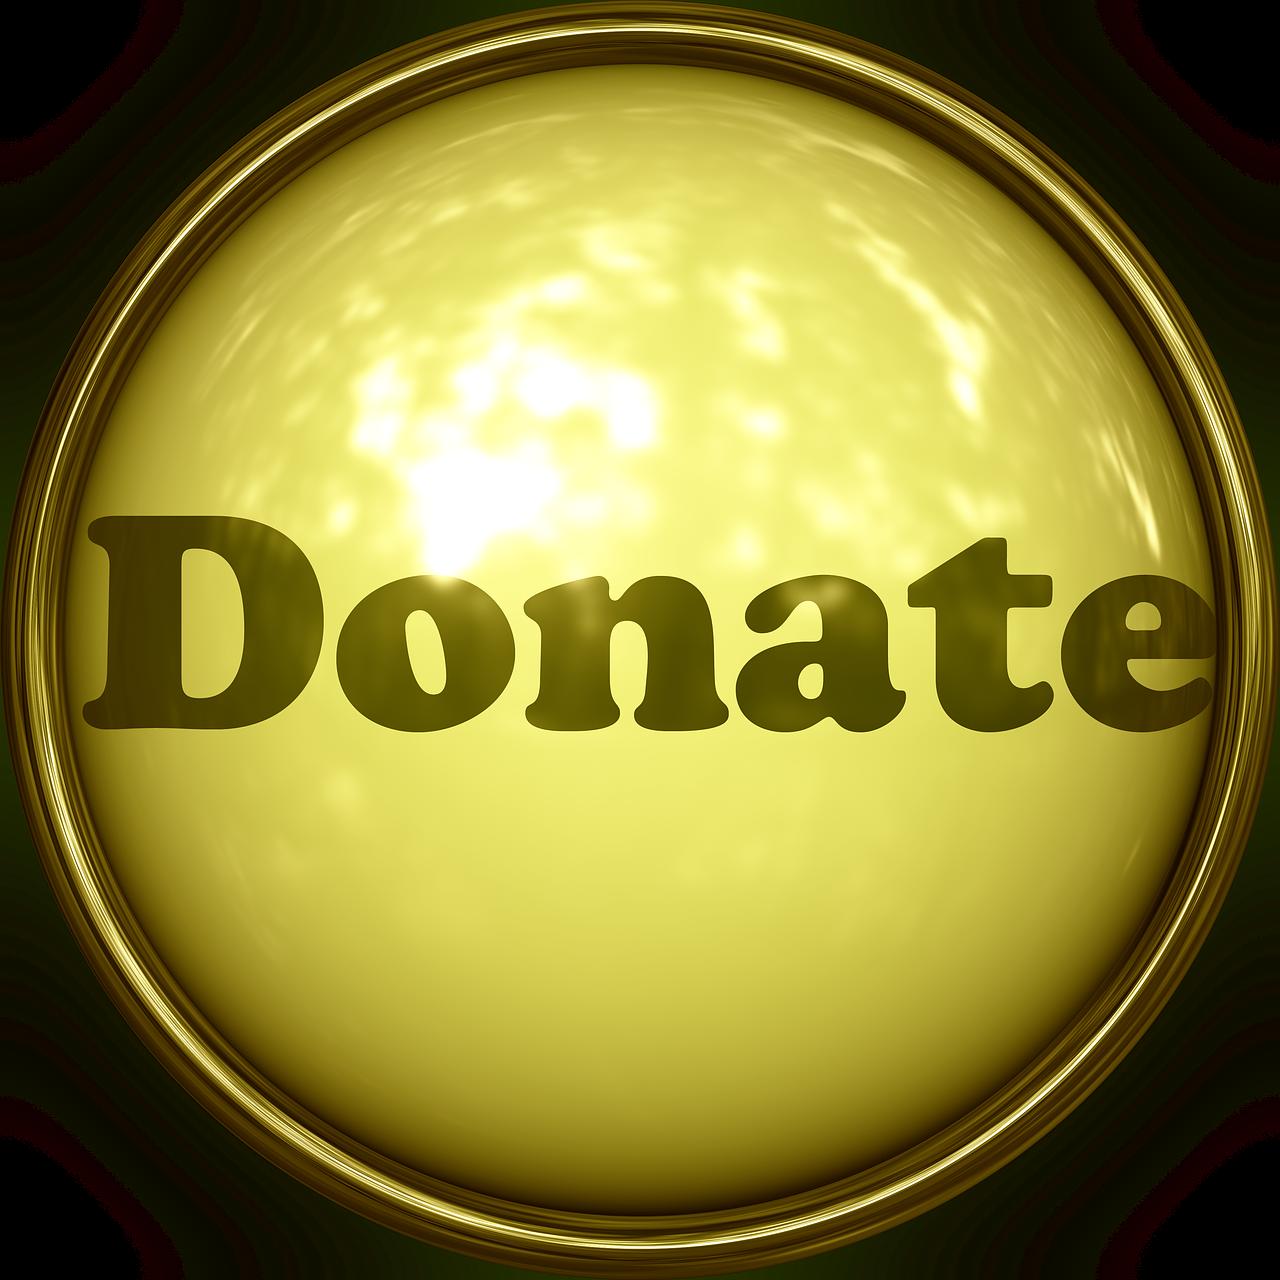 Пожертвования в группе Вконтакте: как добавить приложение 3